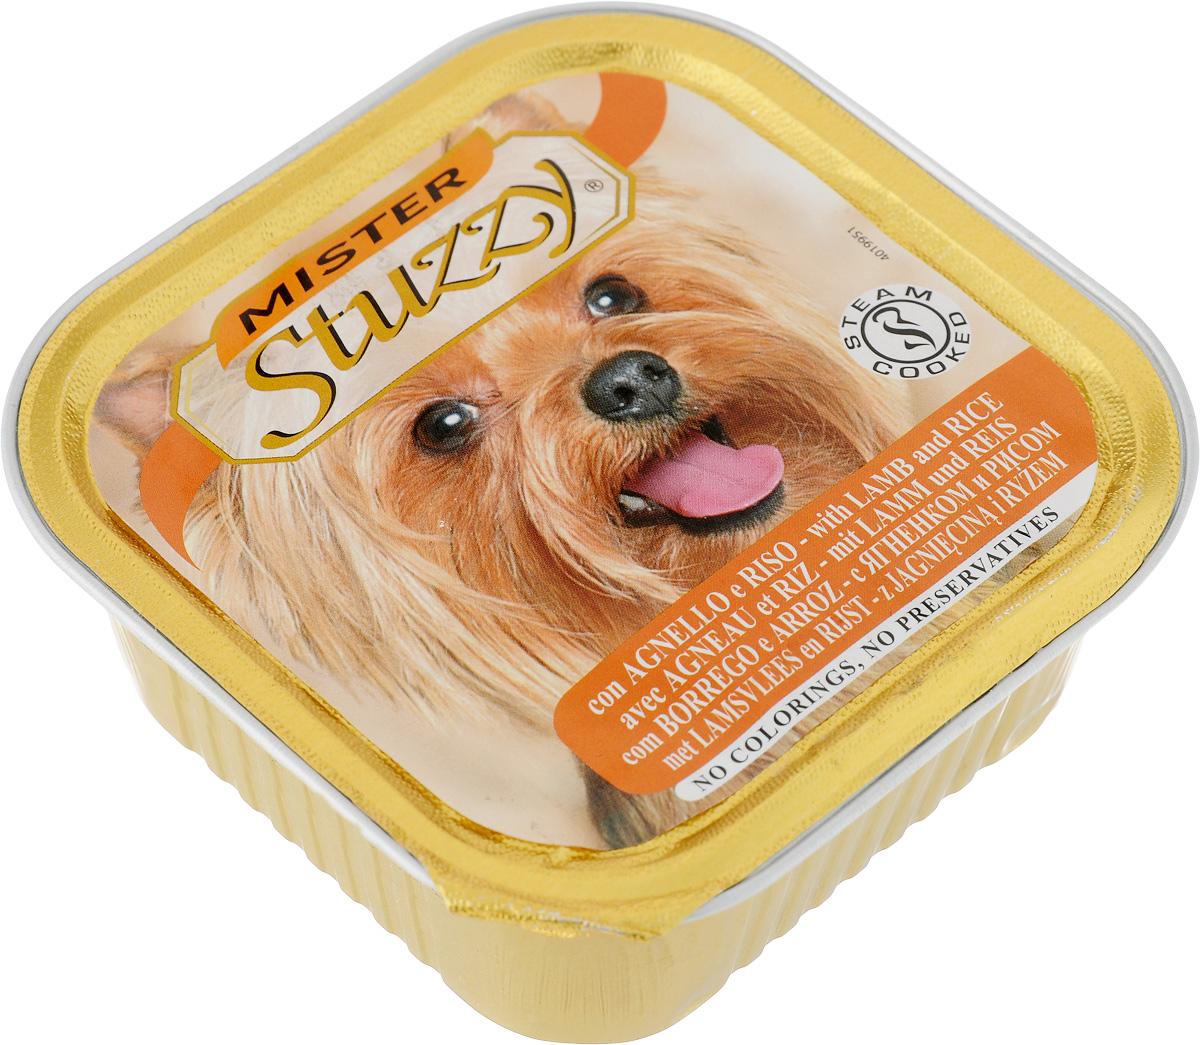 Консервы для собак Stuzzy Mister, с ягненком и рисом, 150 г131.C258Stuzzy Mister - это полнорационный корм для взрослых собак. Корм обогащен таурином и витамином Е для поддержания правильной работы сердца и иммунной системы. Инулин обеспечивает всасывание питательных веществ, а биотин способствуют великолепному внешнему виду кожи и шерсти. Корм приготовлен на пару, не содержит красителей и консервантов. Товар сертифицирован.